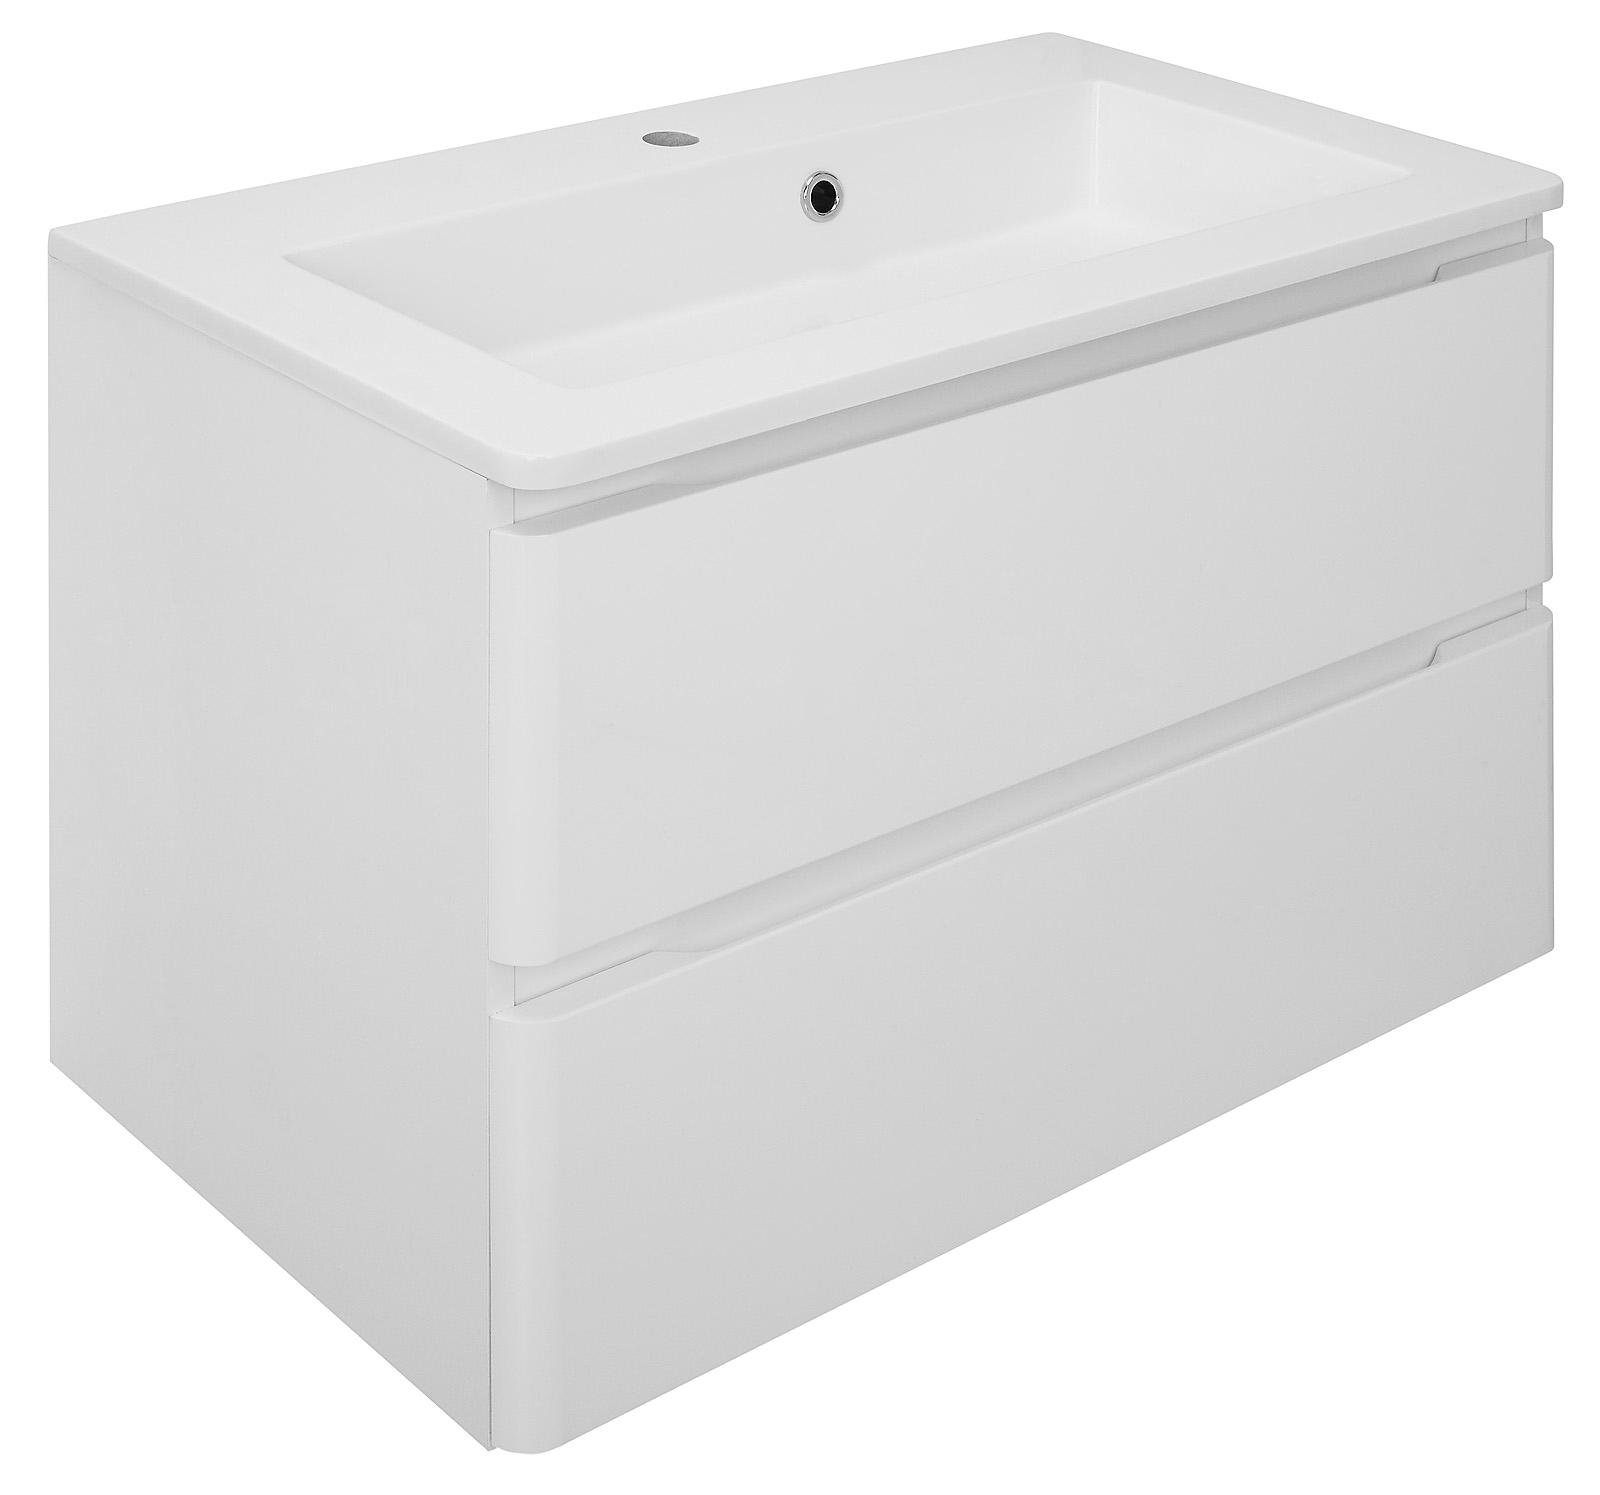 waschbeckenunterschrank maja in wei mit waschbecken unterschrank bad badm bel ebay. Black Bedroom Furniture Sets. Home Design Ideas